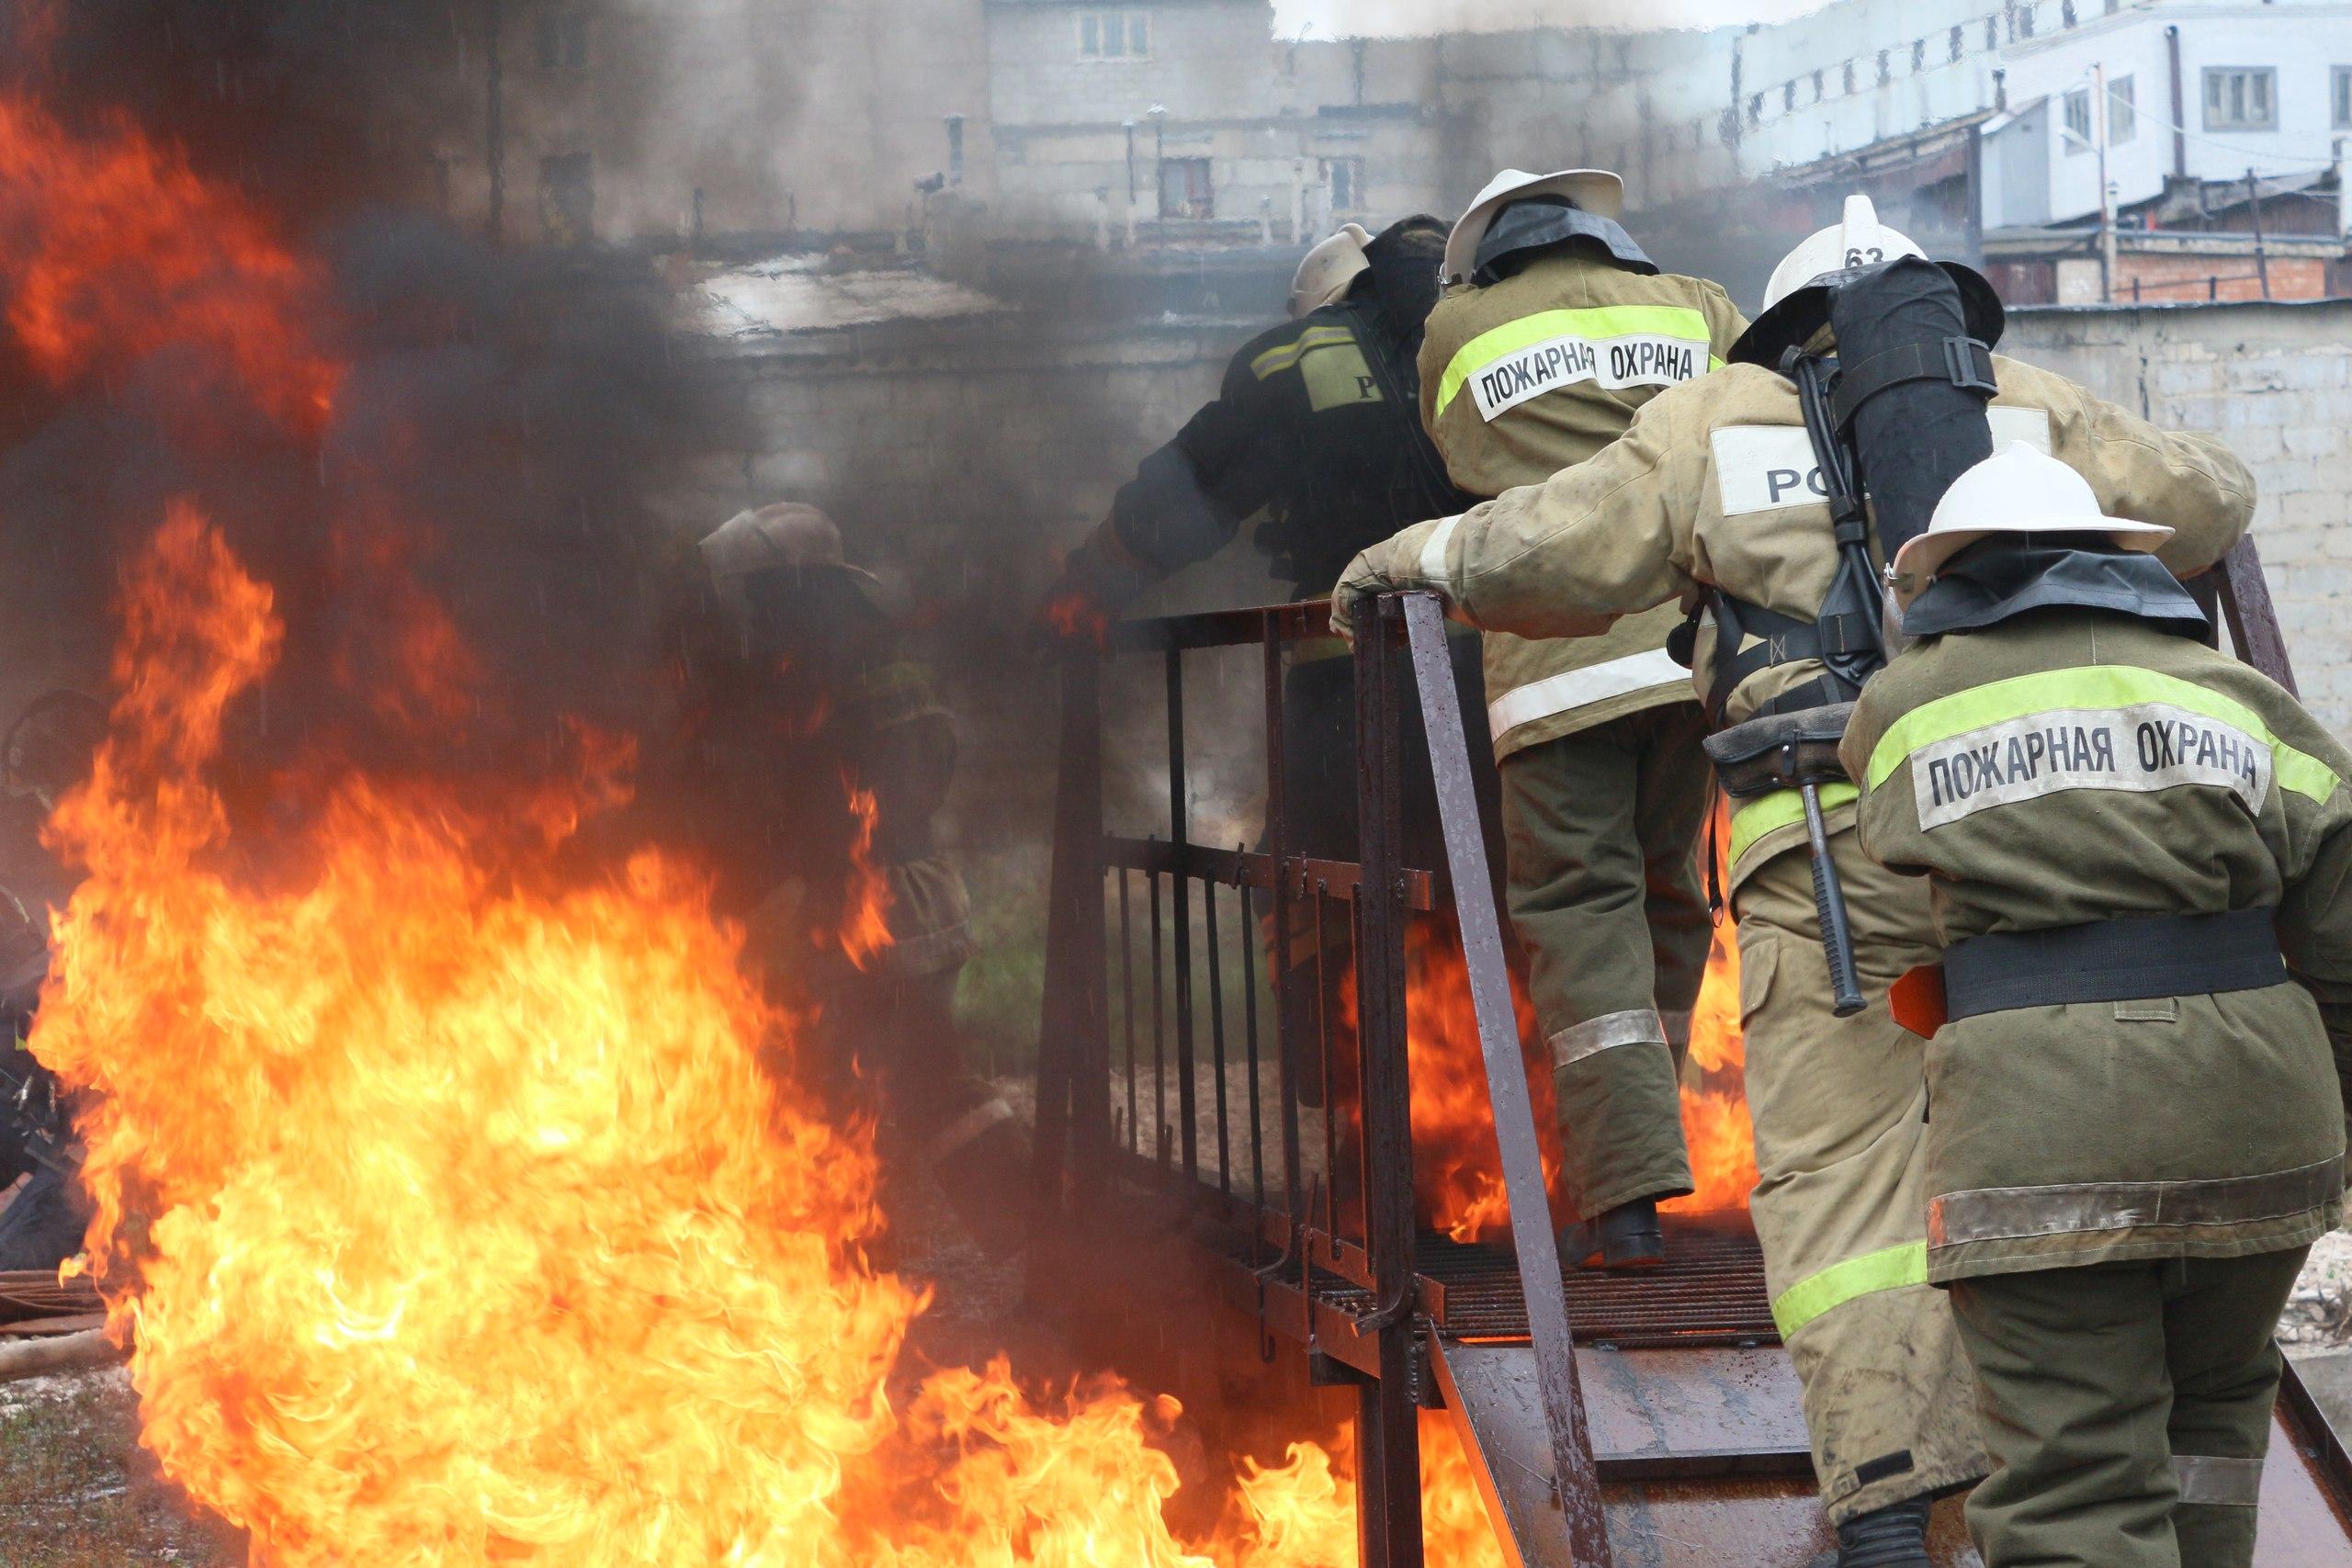 Студенты 3 курса приняли участие в огневой полосе препятсвий